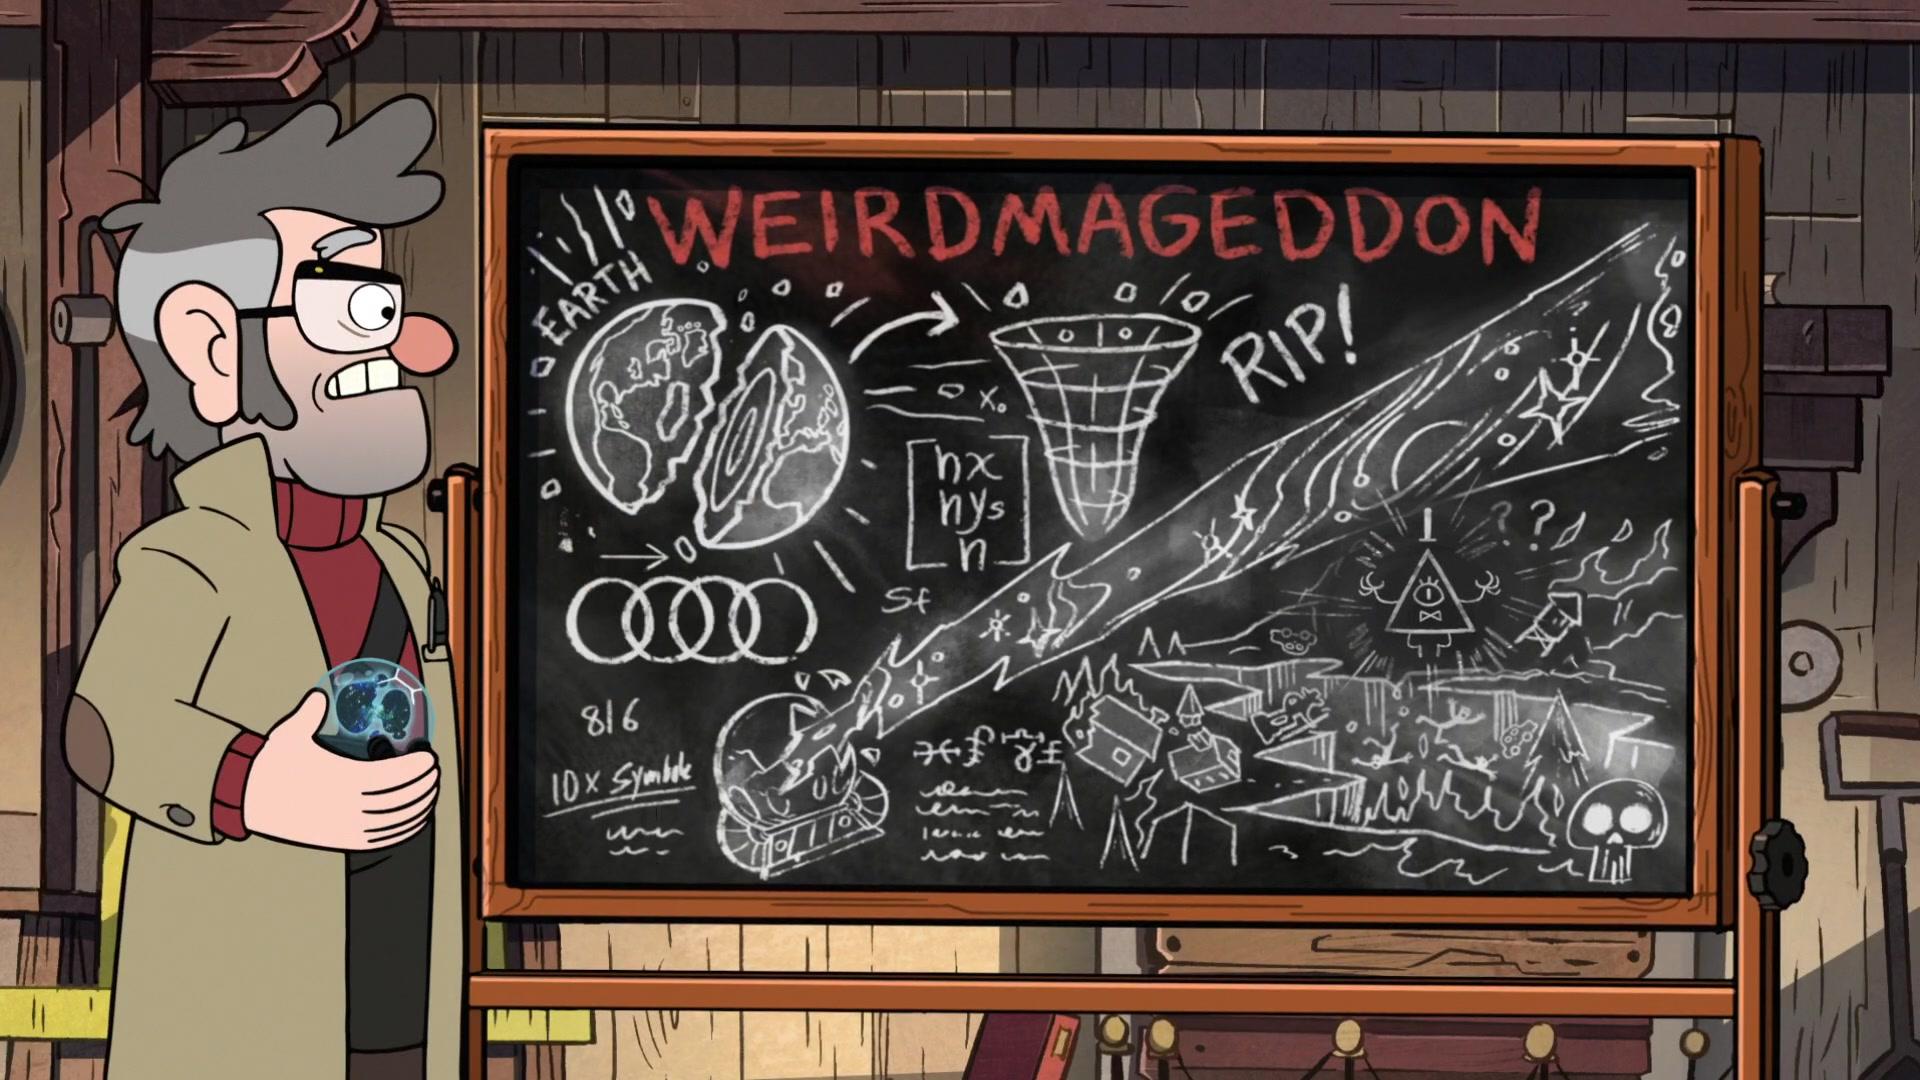 S2e17 Weirdmageddon full board.jpg